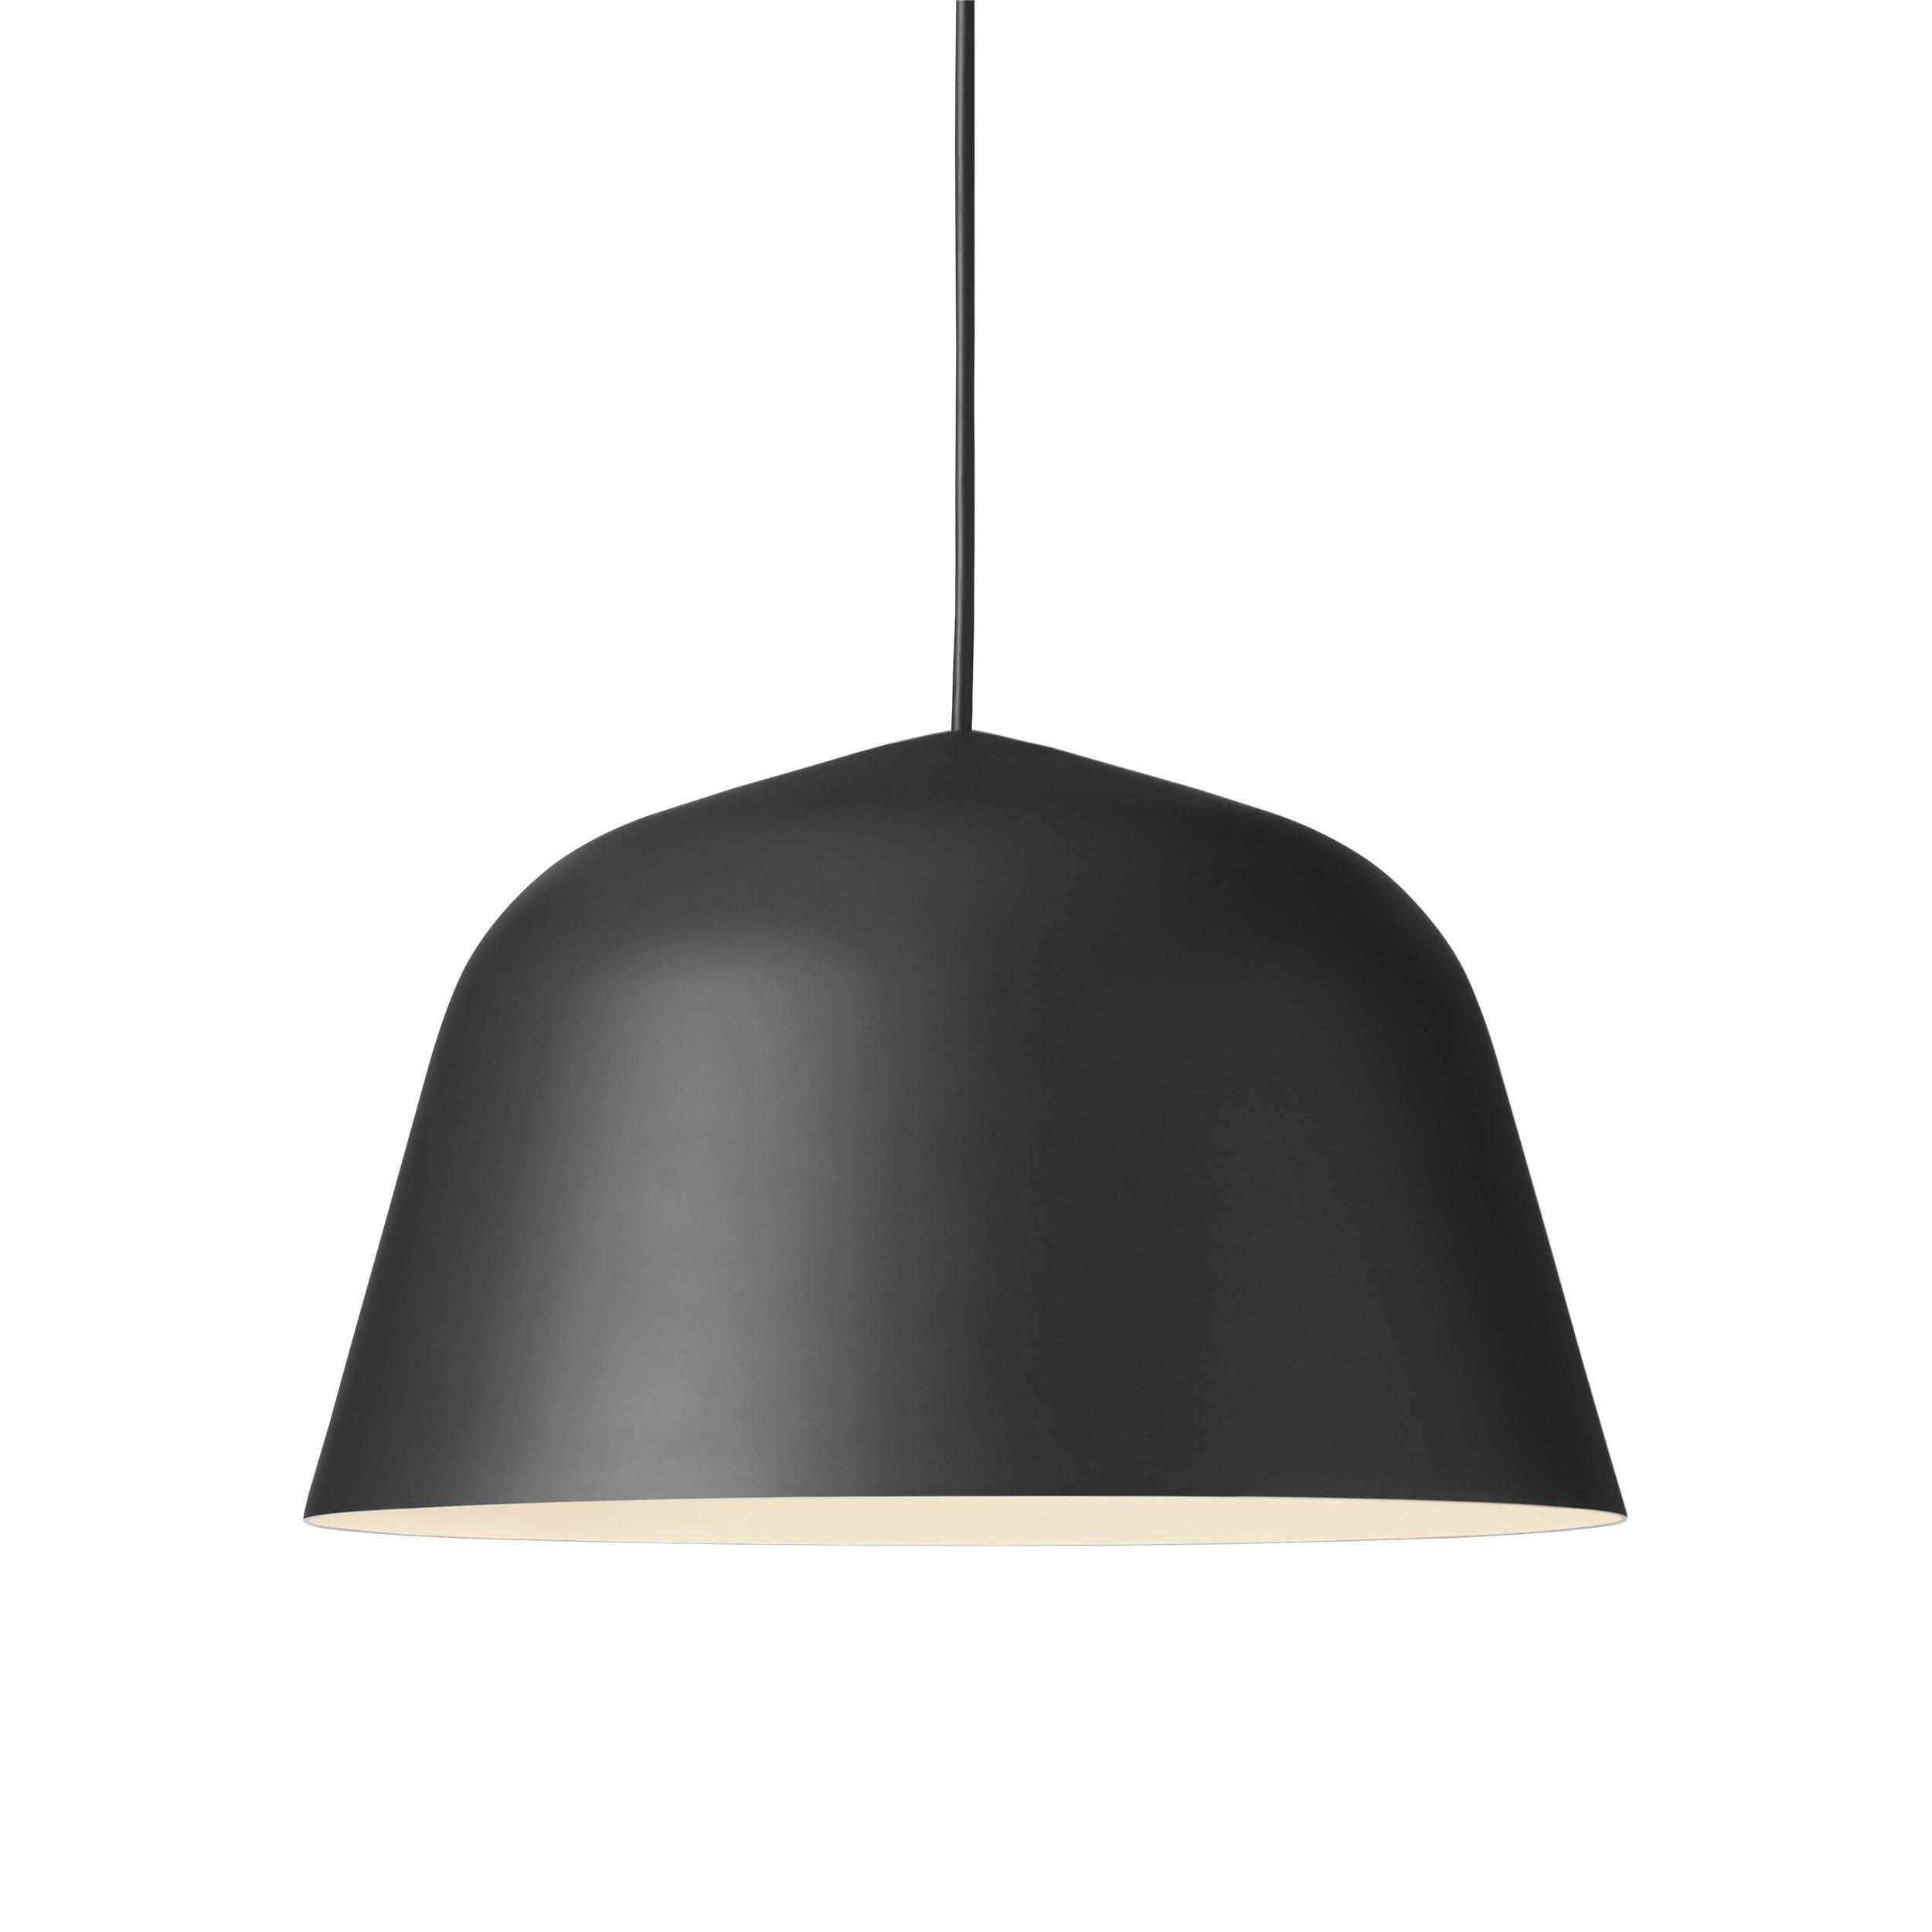 Ambit lamp 40 cm black